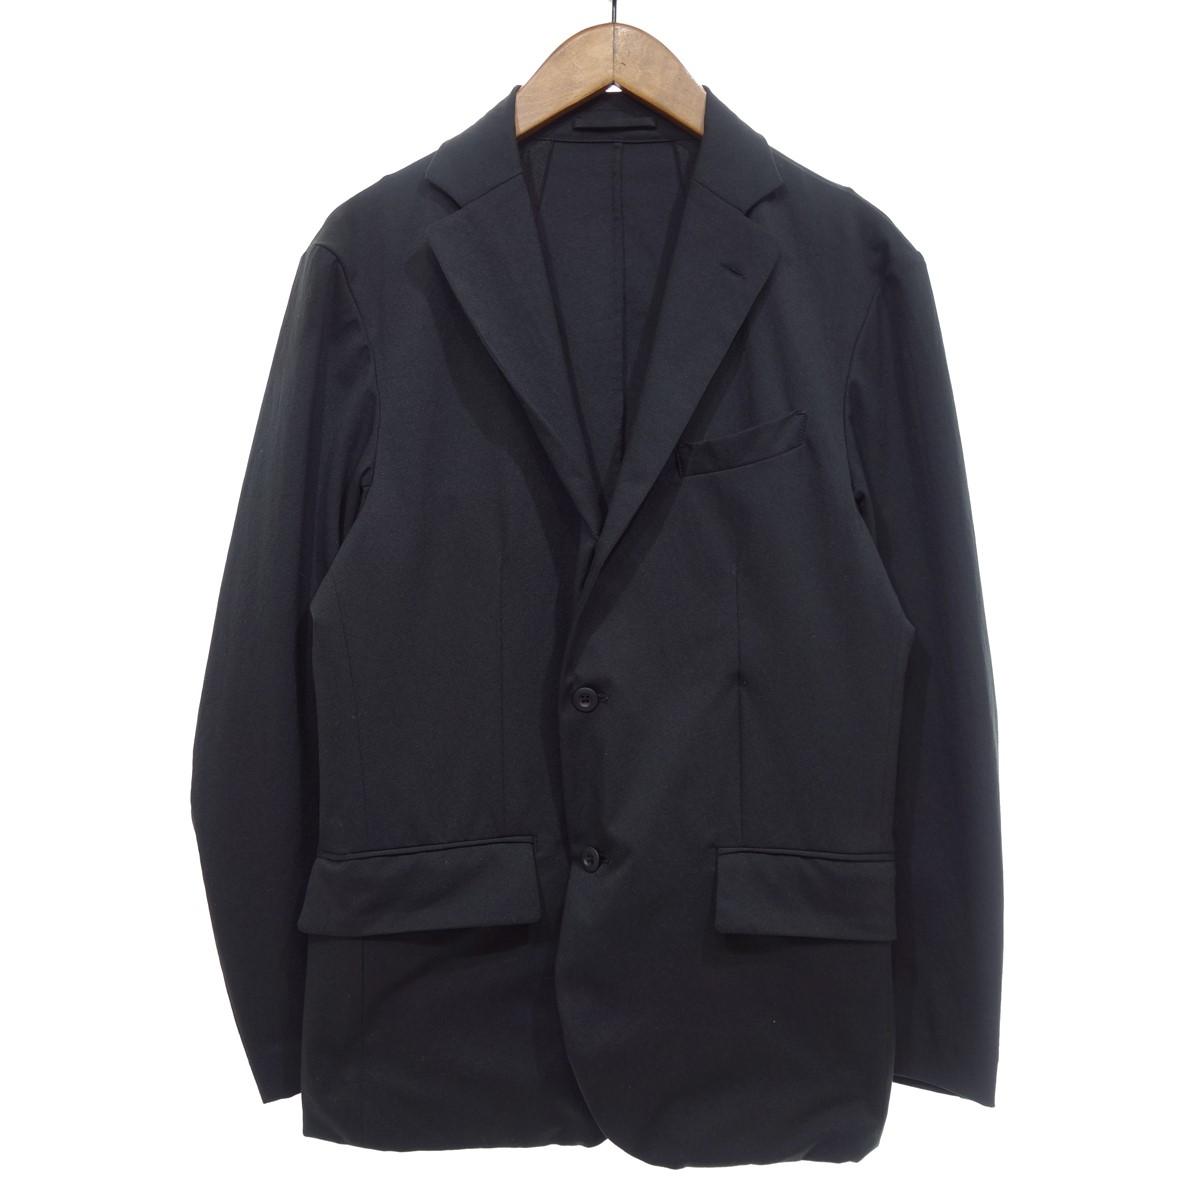 【中古】TEATORA Device JKT-PACABLED デヴァイスジャケット ブラック サイズ:48 【200420】(テアトラ)